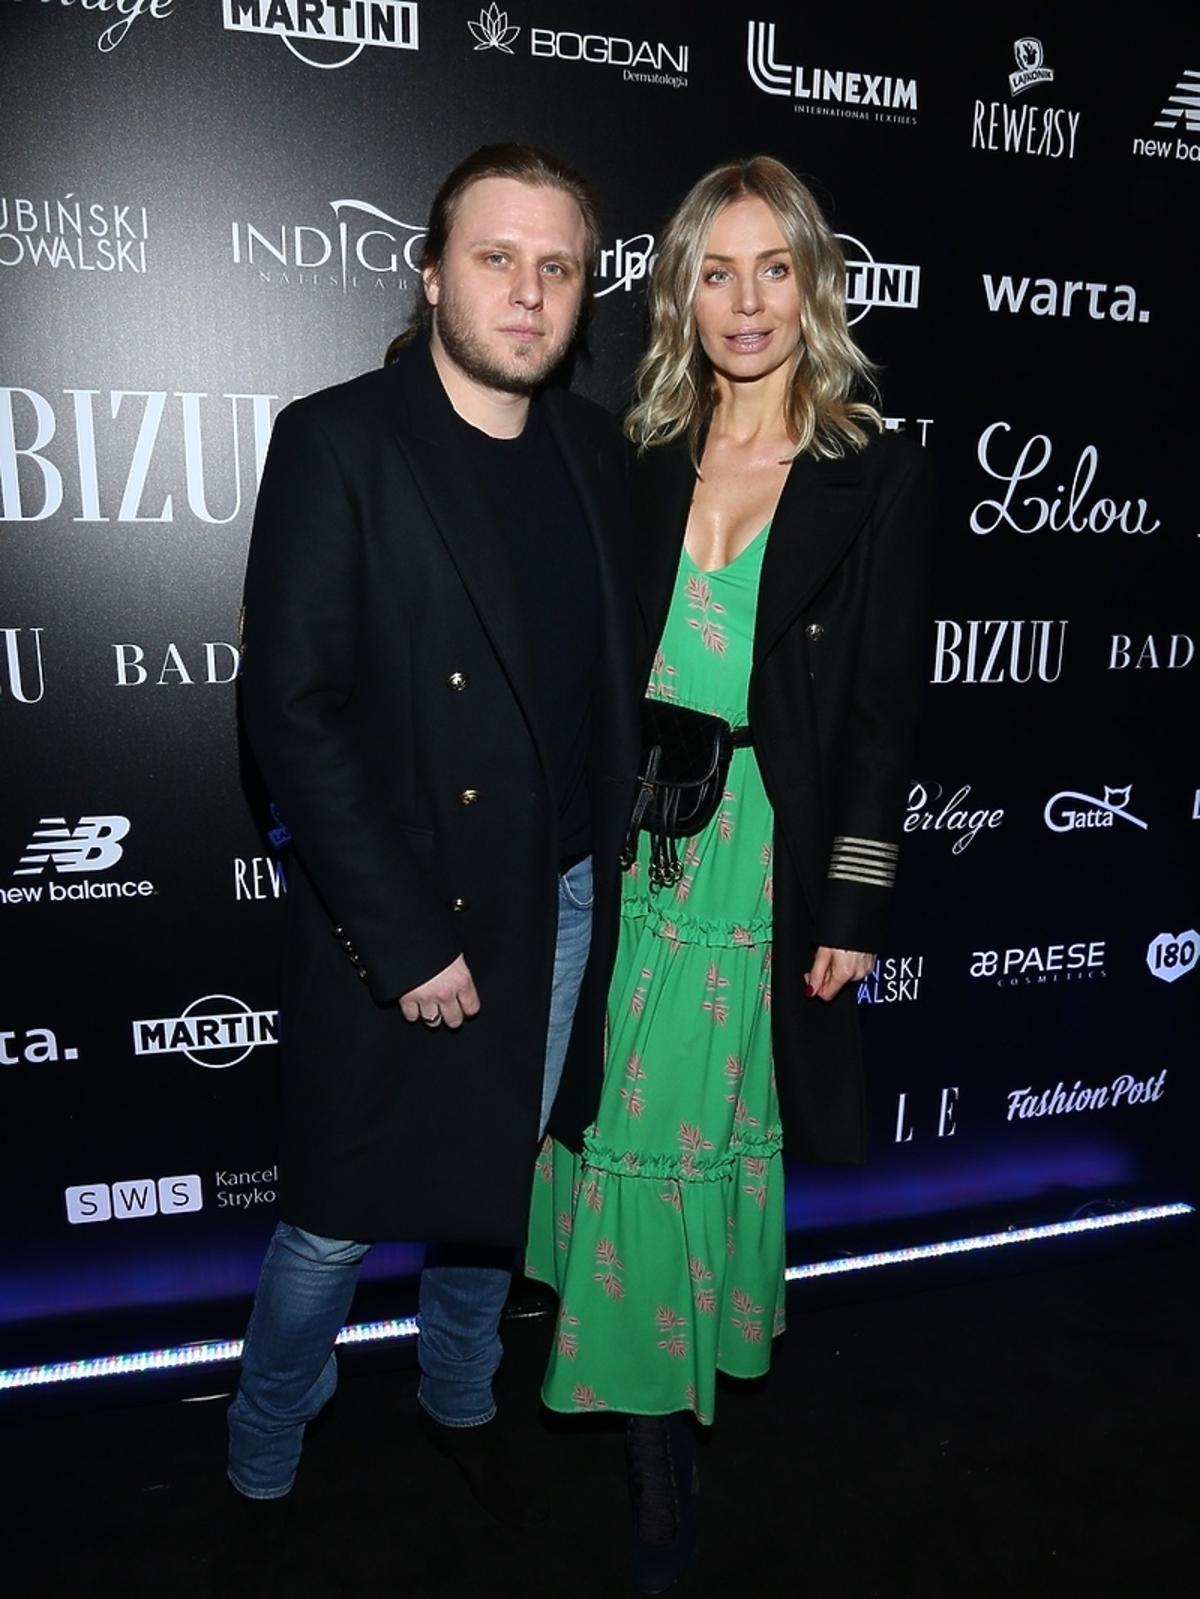 Agnieszka i Piotr Woźniakowie Starakowie na pokazie bizuu